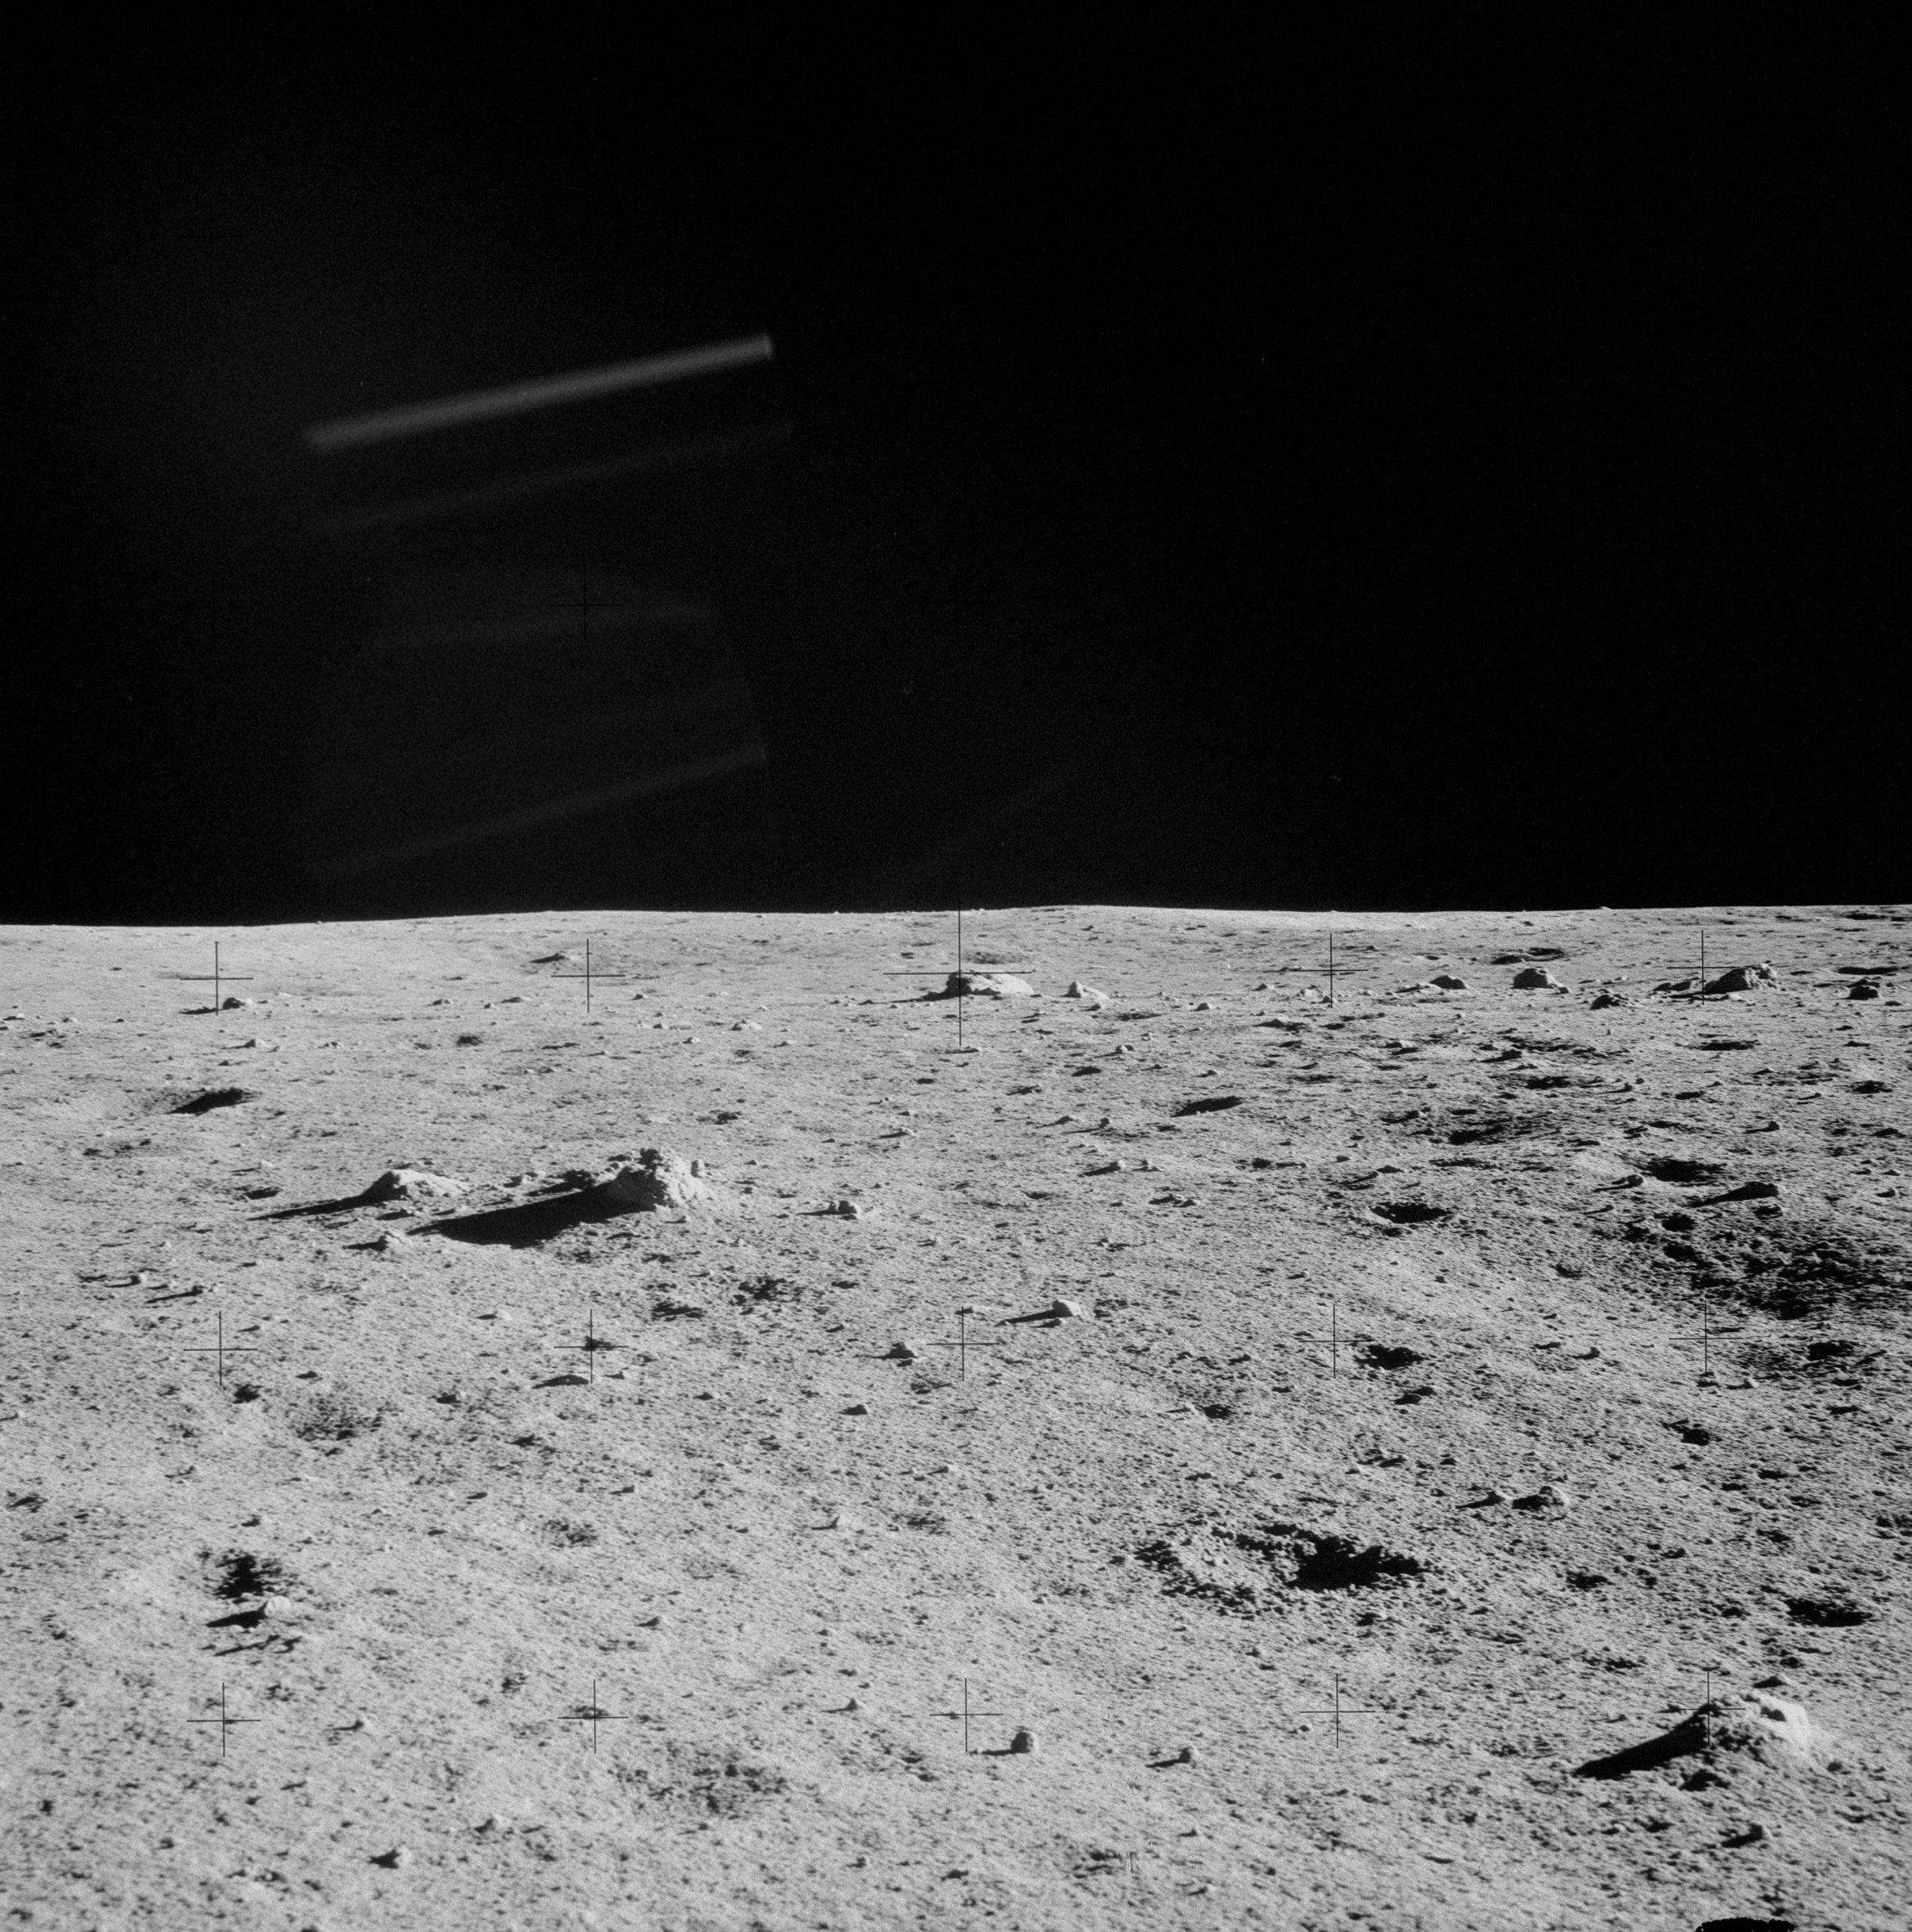 apollo 12 mission report - photo #19